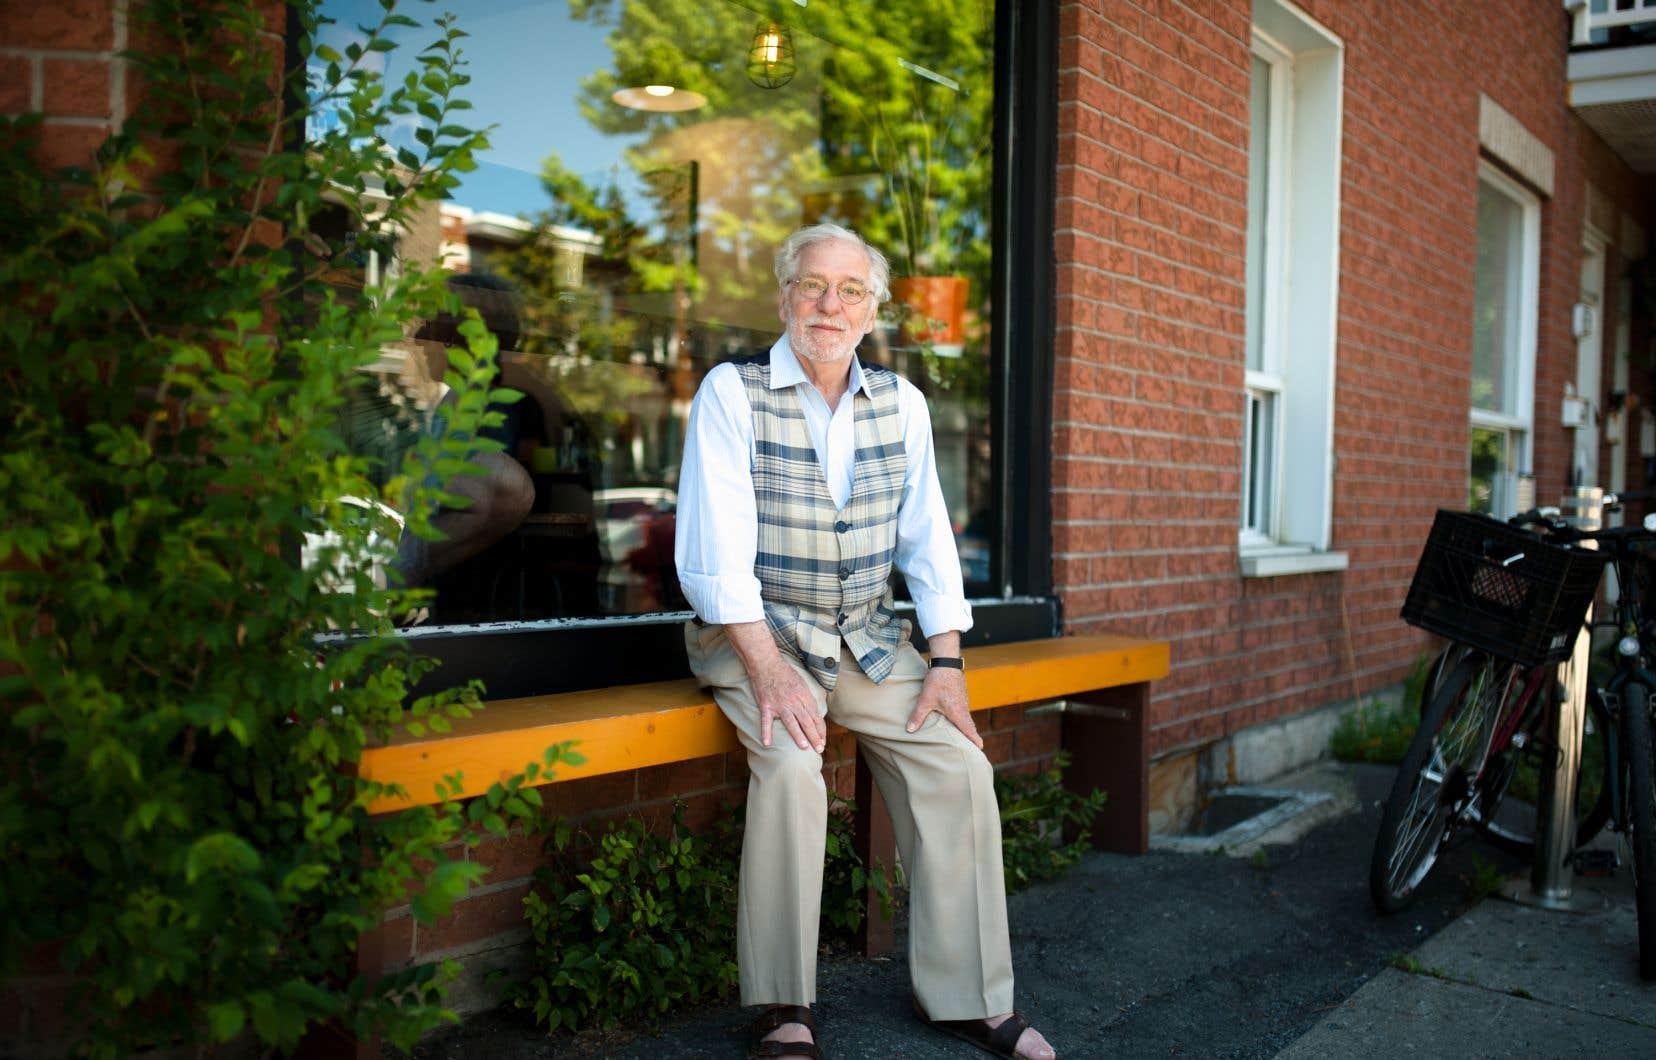 Louis Caron, fidèle défenseur des régions, au cœur du quartier Rosemont. L'écrivain, qui vit à Sorel, visitait Montréal ce jour-là spécialement pour se raconter et répondre aux questions du «Devoir».